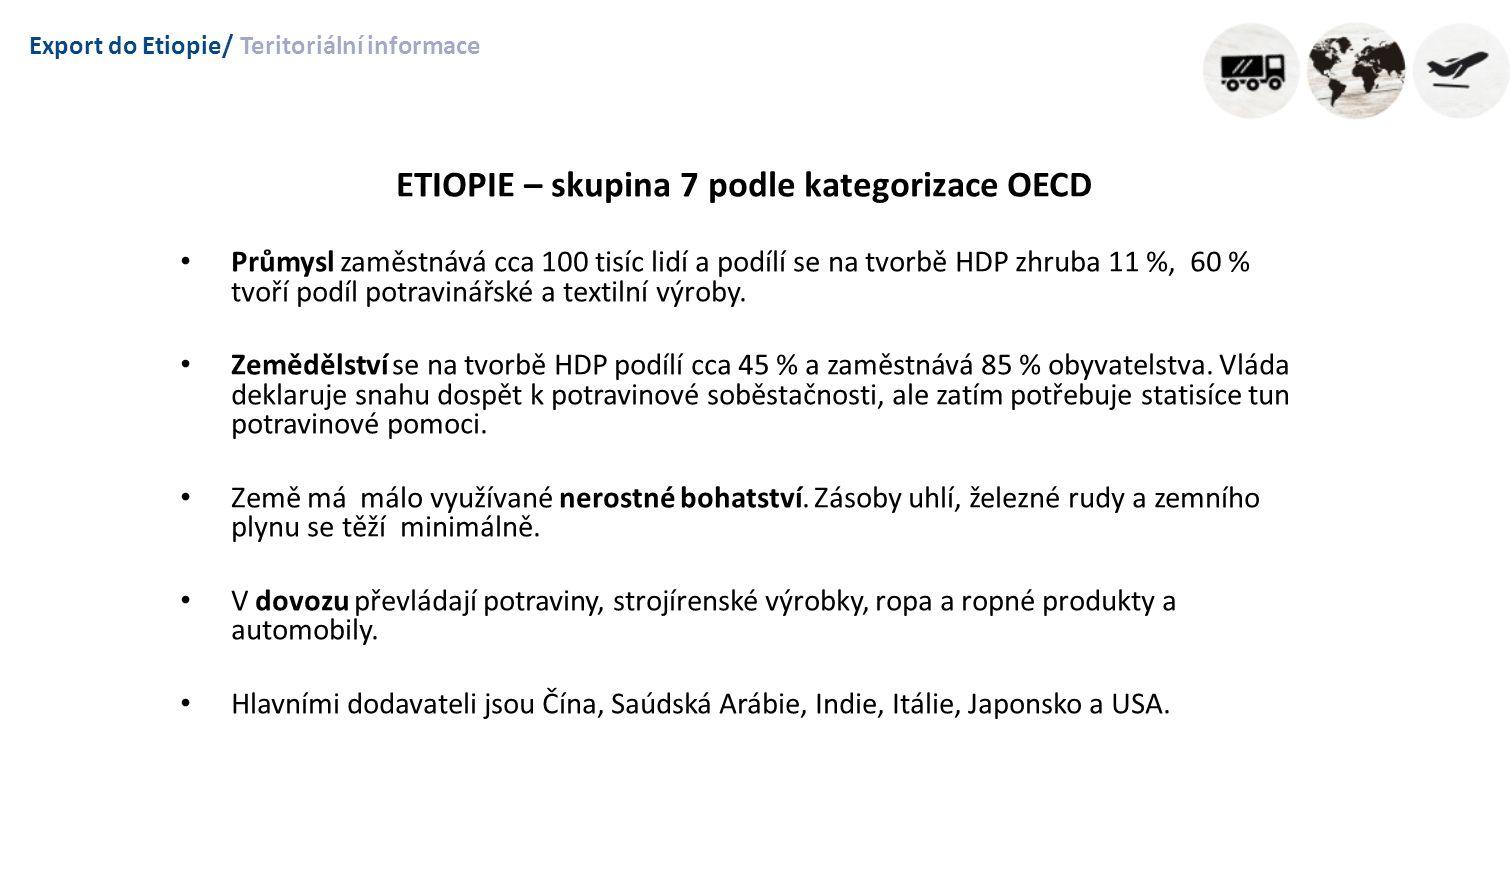 Export do Etiopie/Teritoriální informace ETIOPIE – skupina 7 podle kategorizace OECD Průmysl zaměstnává cca 100 tisíc lidí a podílí se na tvorbě HDP zhruba 11 %, 60 % tvoří podíl potravinářské a textilní výroby.